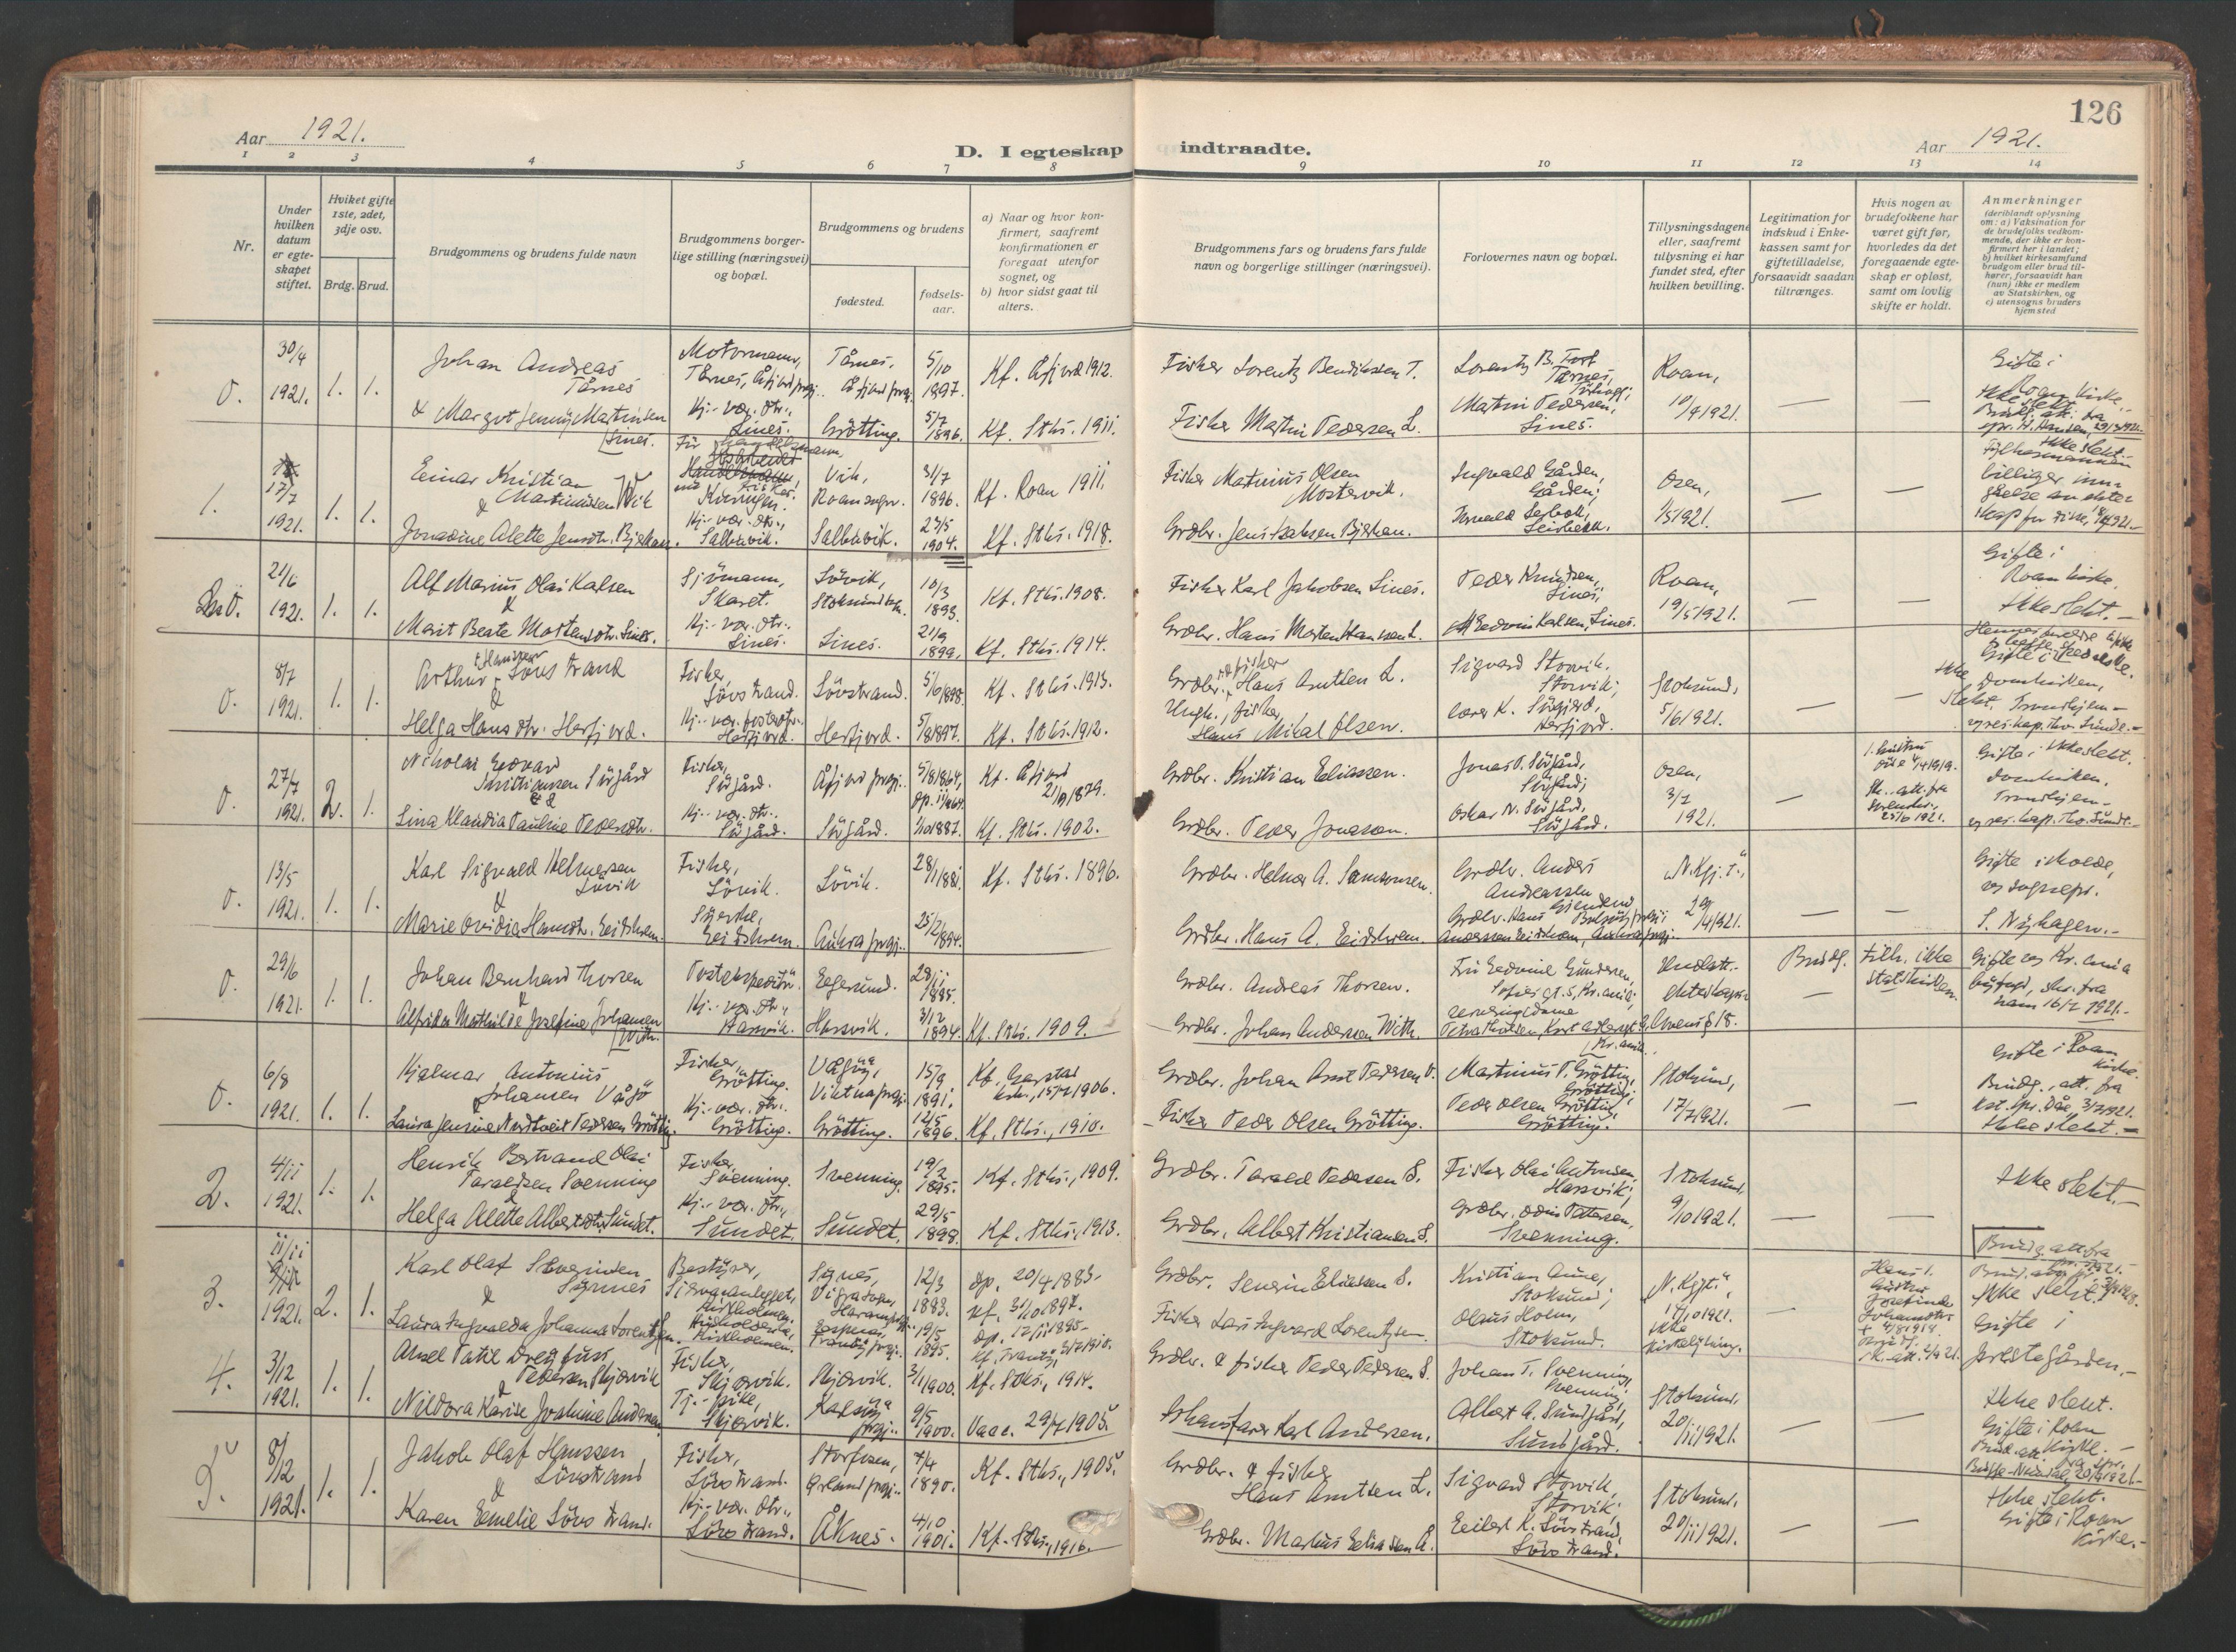 SAT, Ministerialprotokoller, klokkerbøker og fødselsregistre - Sør-Trøndelag, 656/L0694: Ministerialbok nr. 656A03, 1914-1931, s. 126